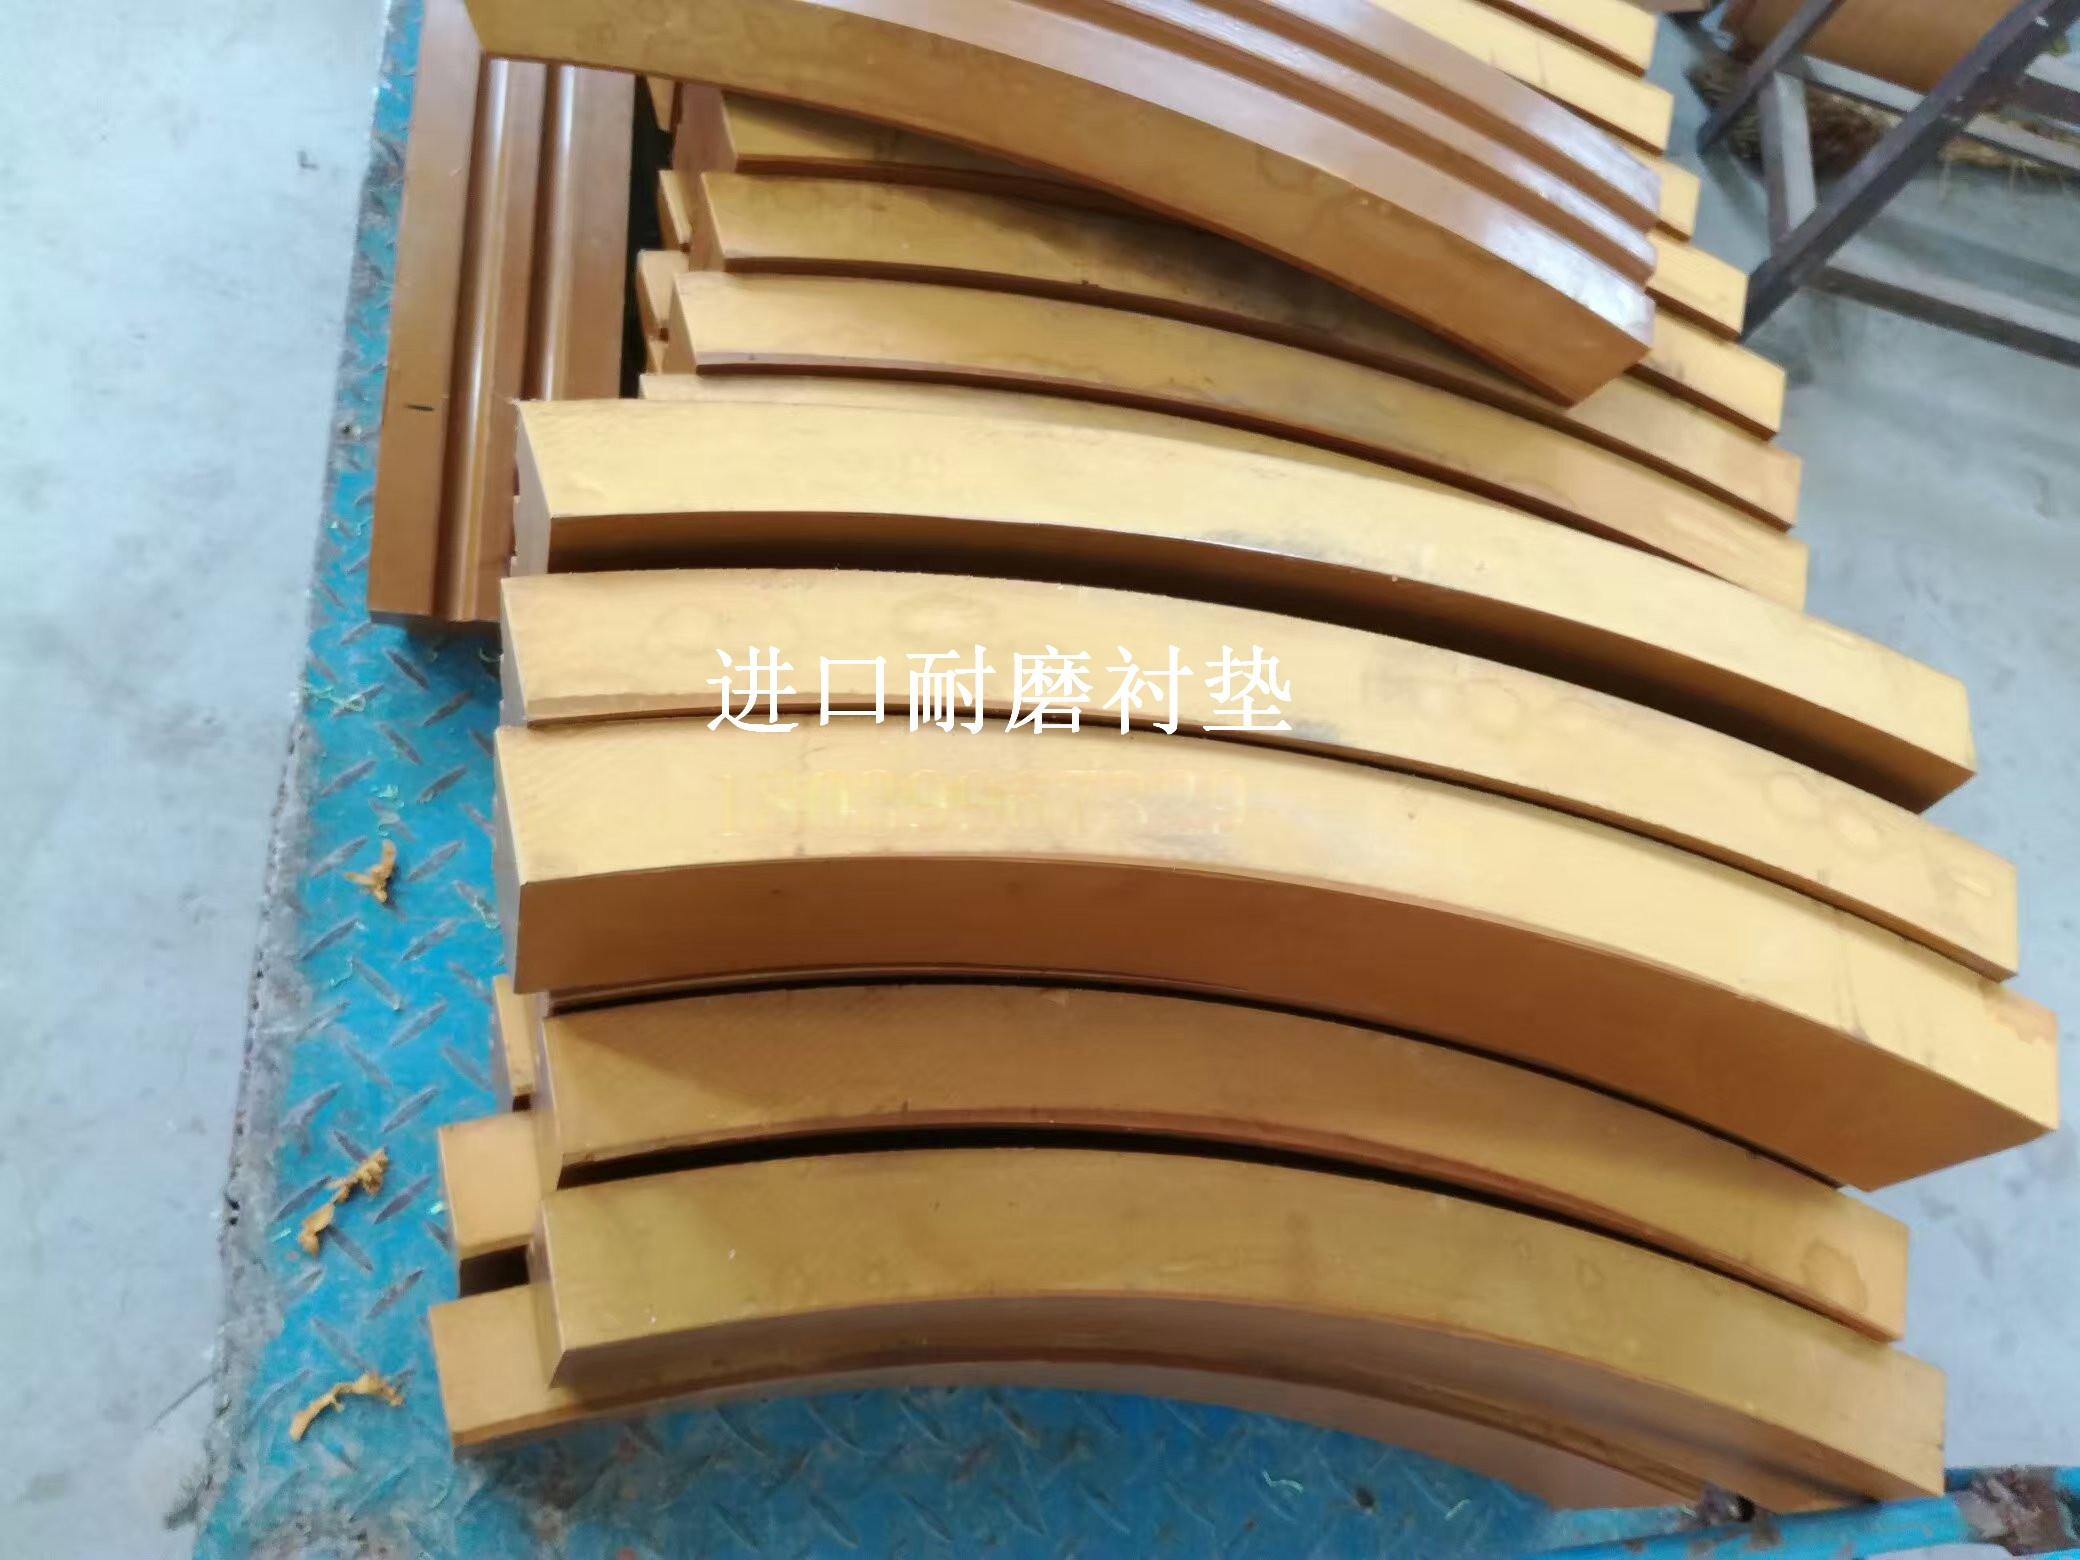 钢厂钢缆机活套车绳轮衬套专用衬垫耐磨进口材质43629122